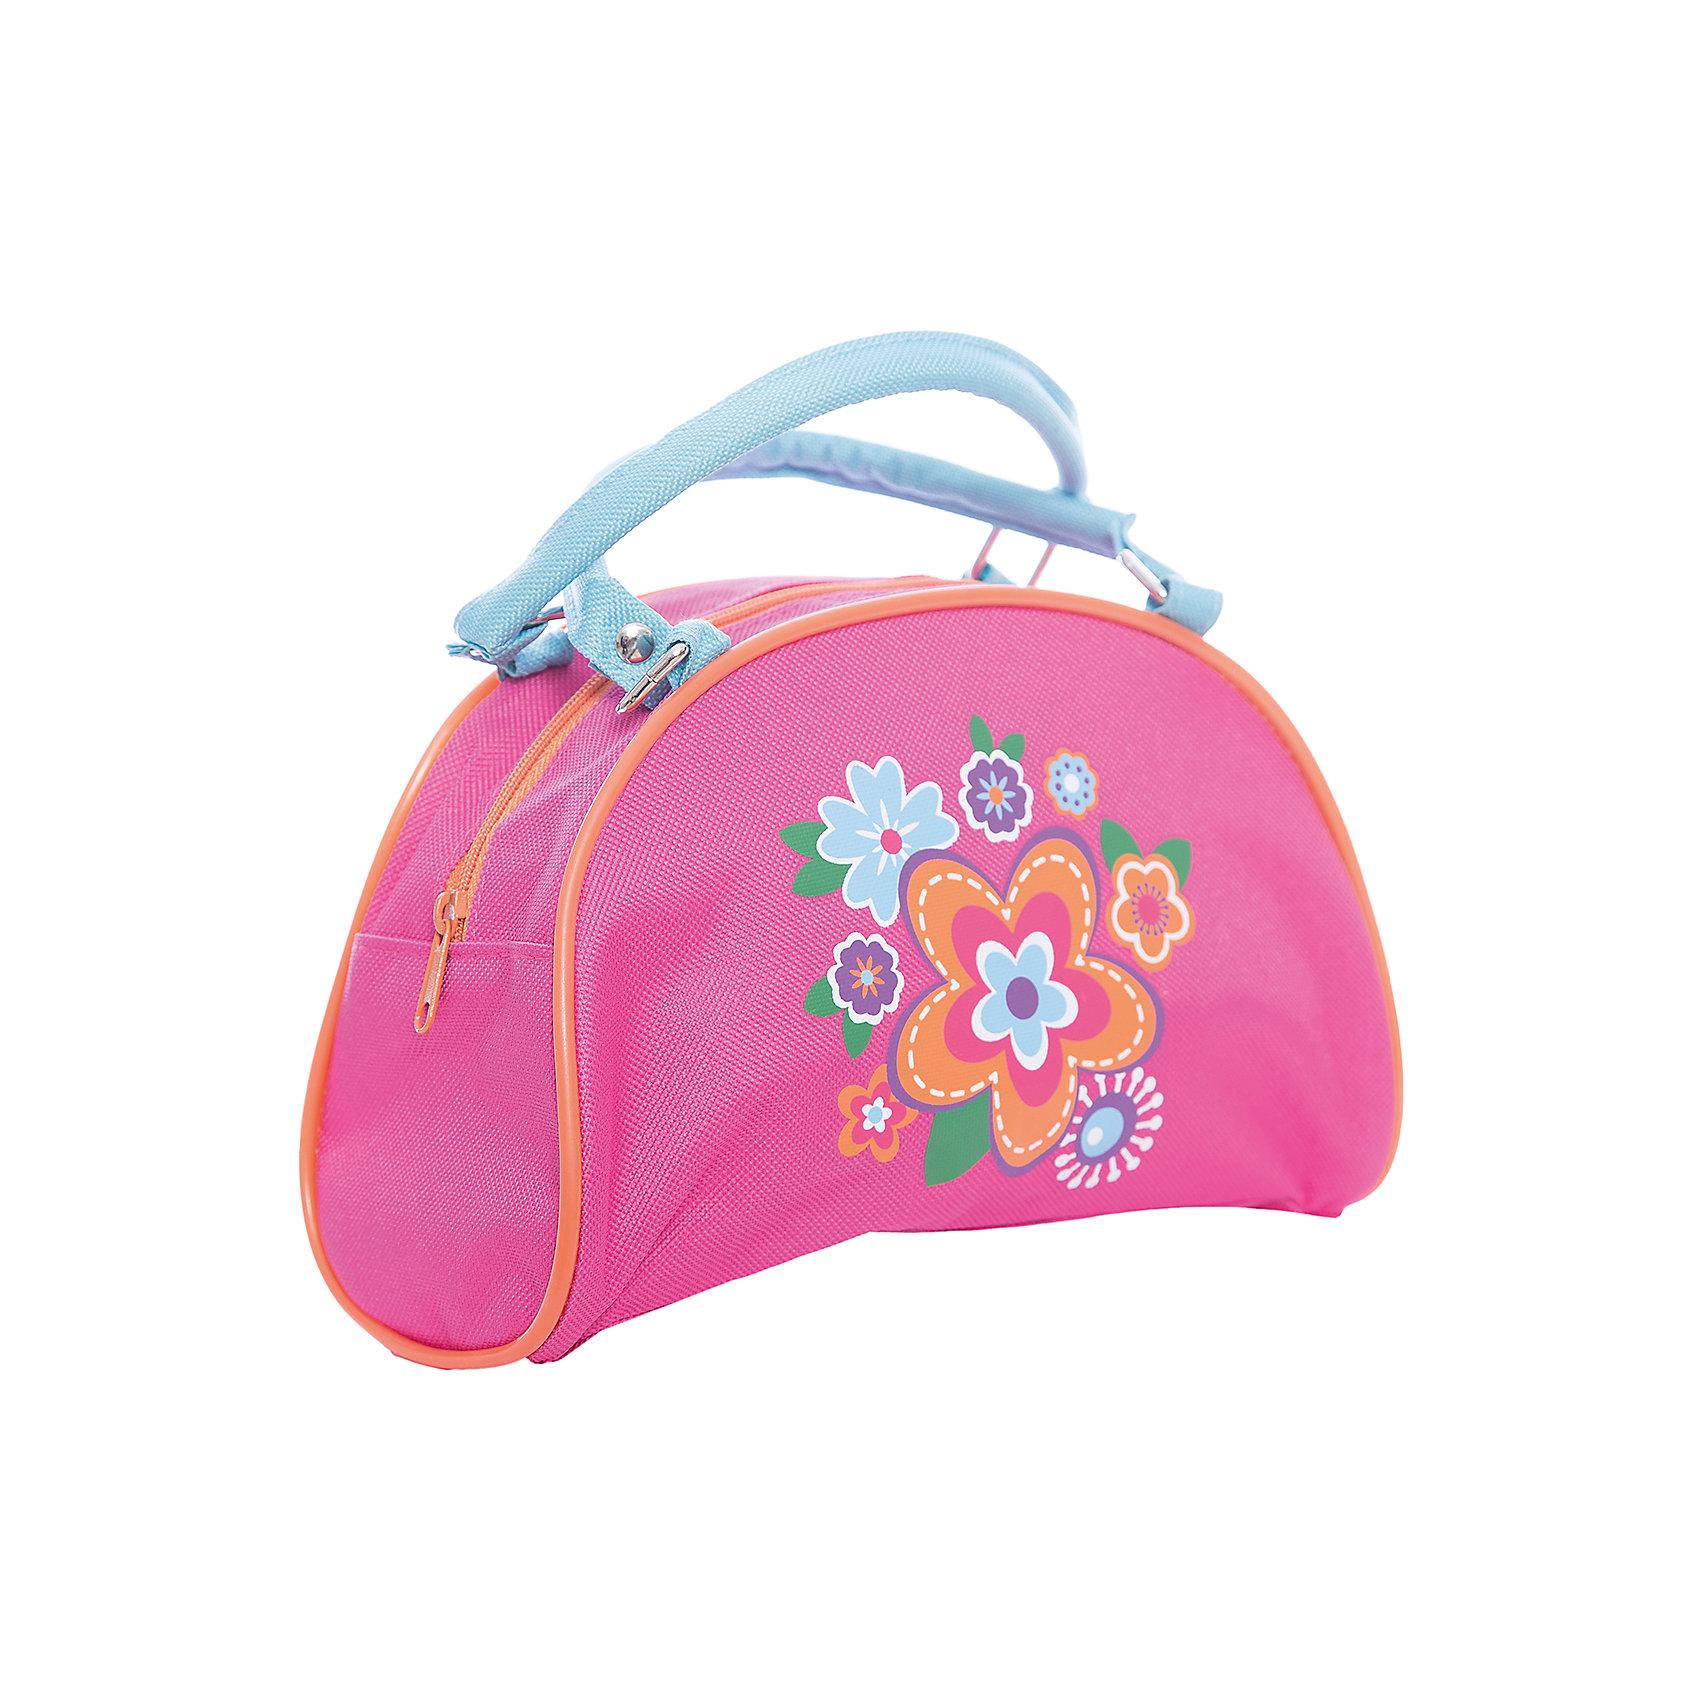 Сумочка Цветок 22*9*13.5 см.Детские сумки<br>Сумочка Цветок 22*9*13.5 см., Mary Poppins (Мэри Поппинс)<br><br>Характеристики:<br><br>• две ручки<br>• вместительное отделение<br>• стильный дизайн<br>• материал: текстиль, пластик<br>• размер: 22х9х13,5 см<br>• цвет: розовый<br>• размер упаковки: 22х17х20 см<br>• вес: 52 грамма<br><br>Стильная и удобная сумочка Цветок непременно порадует маленькую модницу. Сумка изготовлена из качественных прочных материалов, которые хорошо выдерживают нагрузку. Девочка сможет взять с собой любимую косметику, заколки, зеркальце и другие аксессуары. Сумка имеет одно основное отделение и две удобные ручки. Лицевая часть декорирована принтом с изображением цветов.<br><br>Сумочку Цветок 22*9*13.5 см., Mary Poppins (Мэри Поппинс) можно купить в нашем интернет-магазине.<br><br>Ширина мм: 220<br>Глубина мм: 170<br>Высота мм: 200<br>Вес г: 52<br>Возраст от месяцев: 36<br>Возраст до месяцев: 2147483647<br>Пол: Женский<br>Возраст: Детский<br>SKU: 5508576